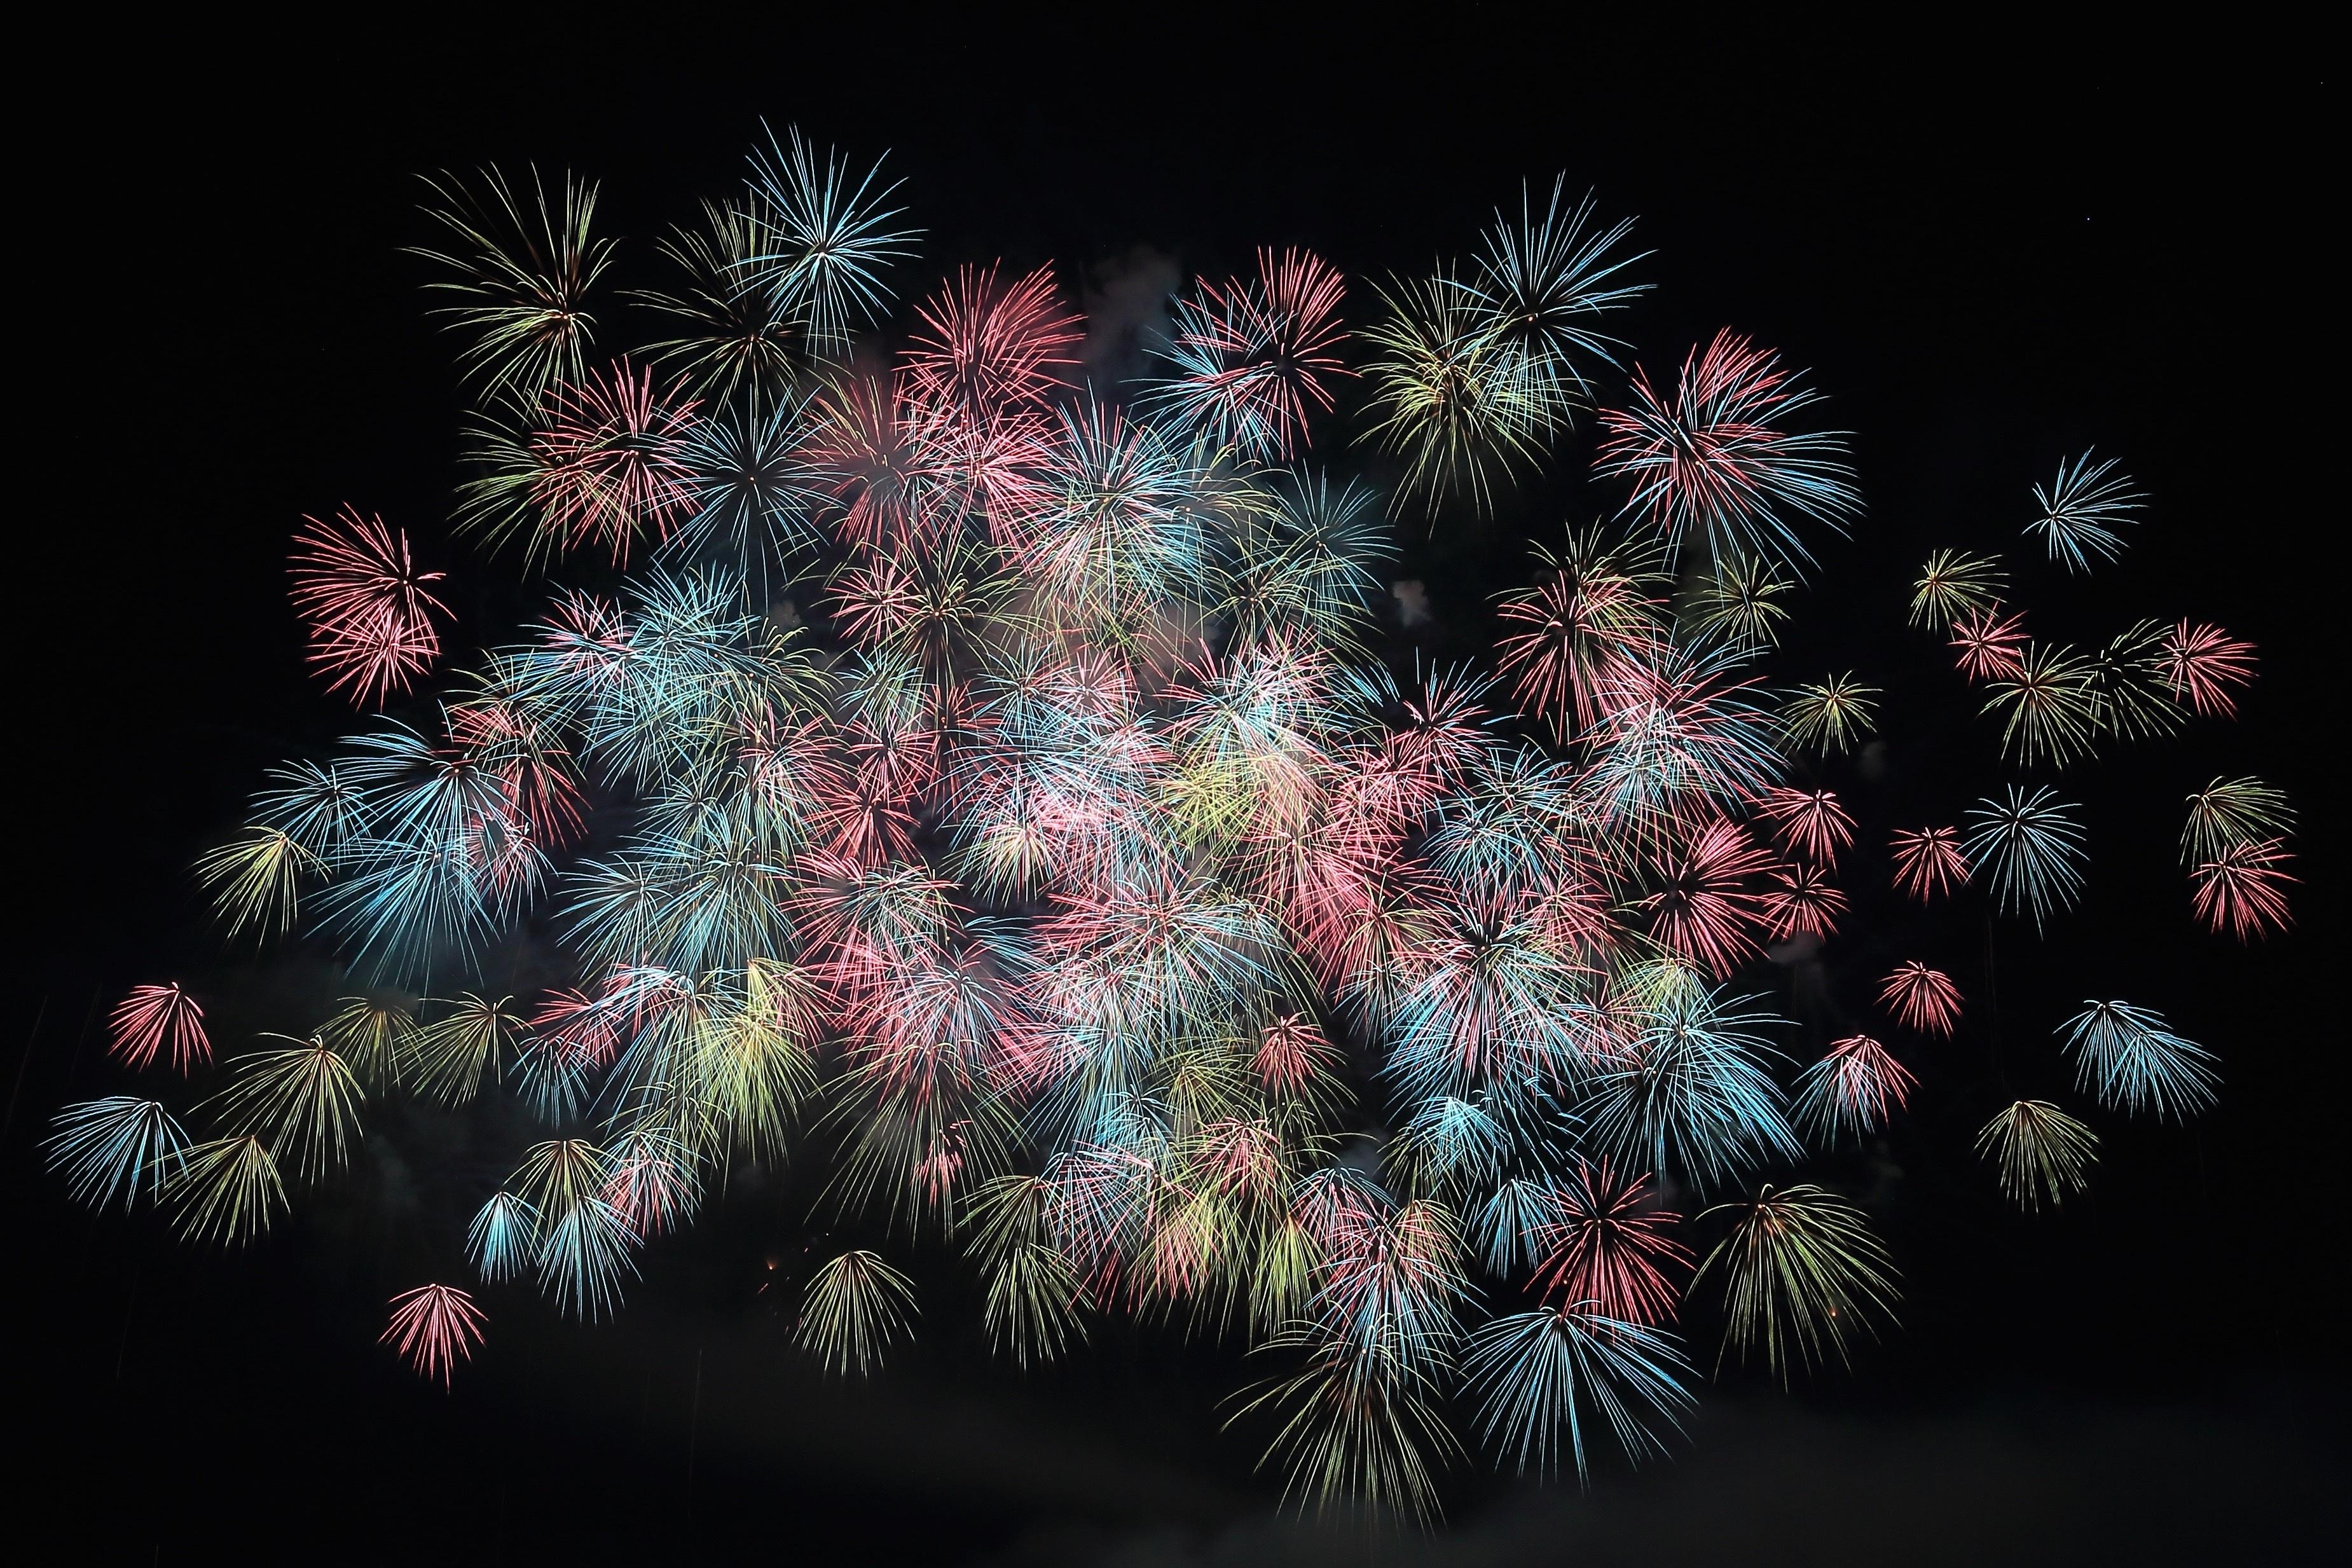 Feuerwerk by kazuend